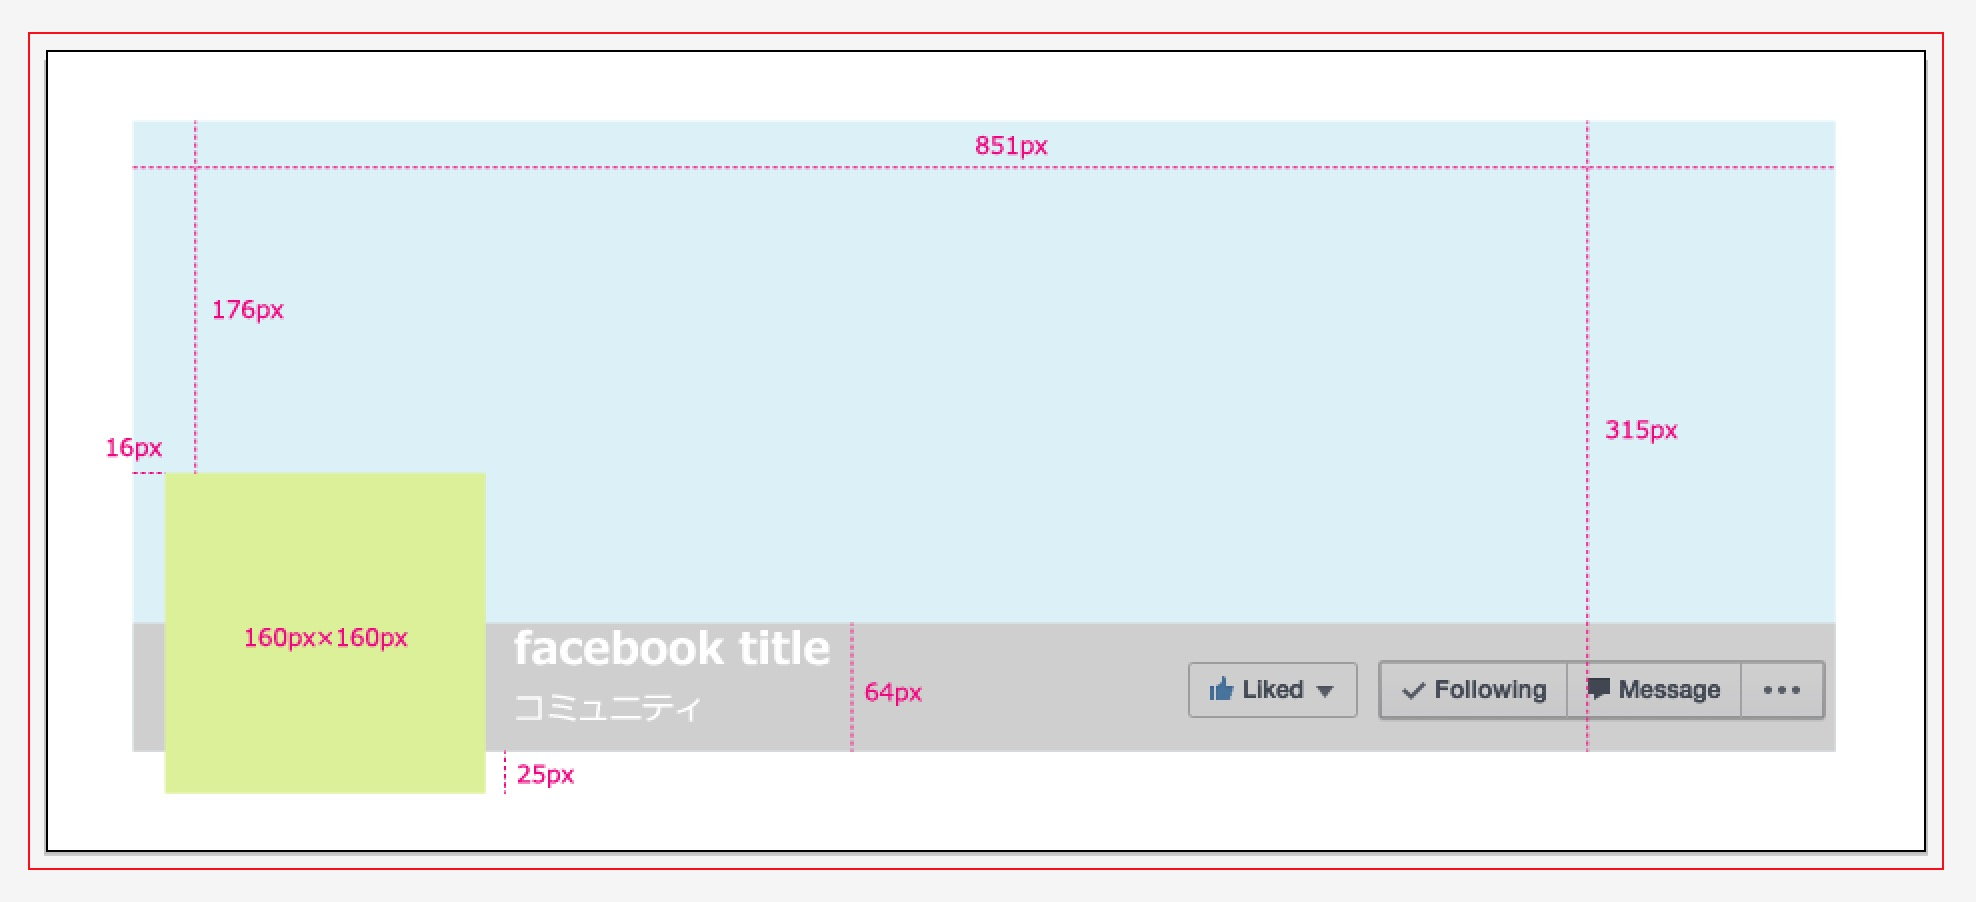 モノストック グラフィック webデザインに役立つモノをストック